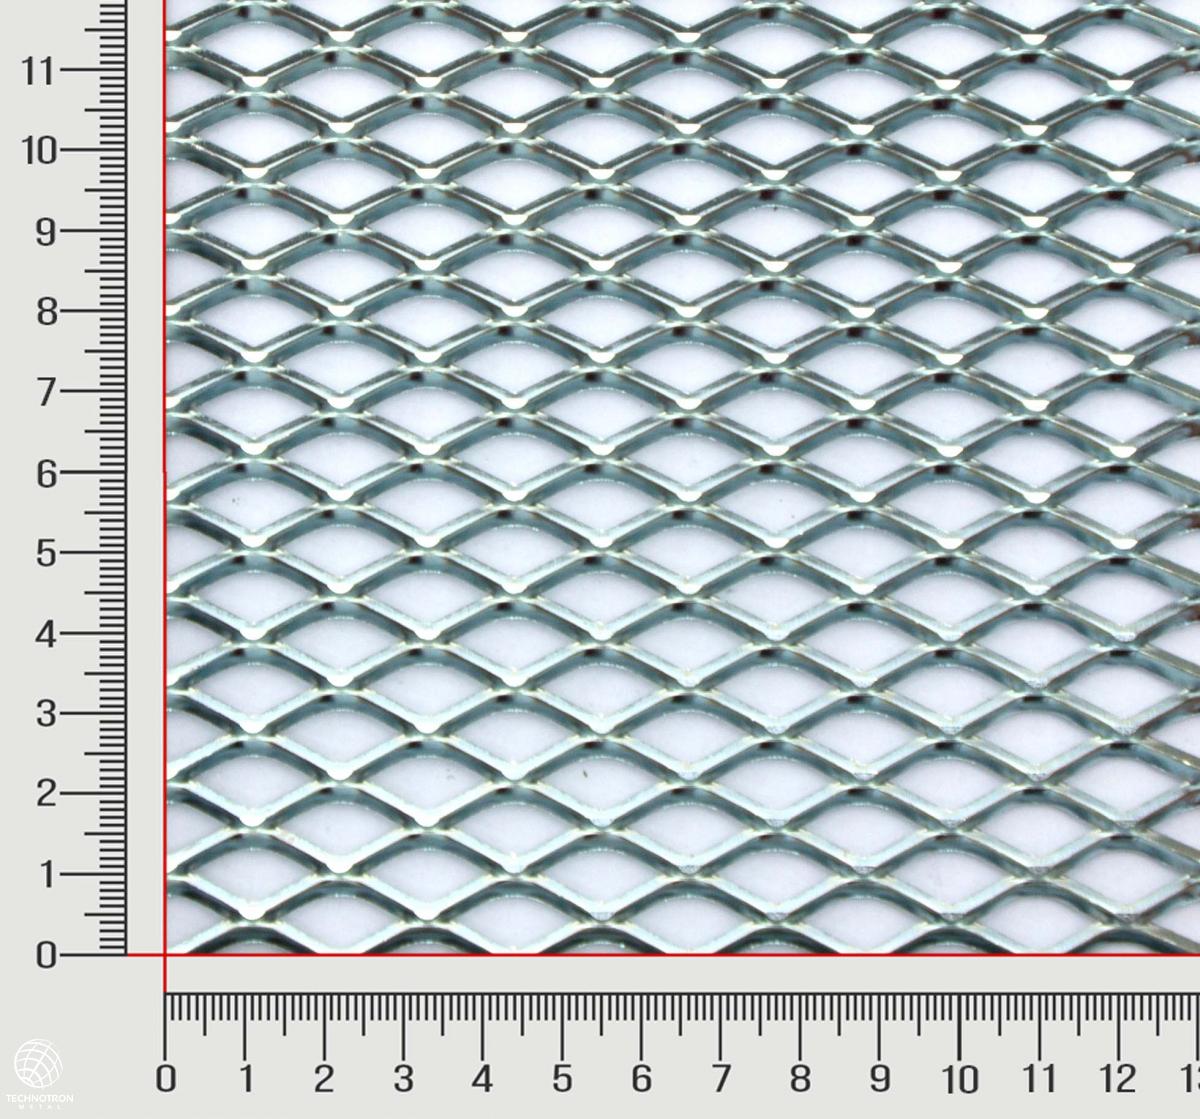 Tahokov TR 22 x 12 x 3 x 2 mm, tahokov z ocelového plechu DC01-DC05